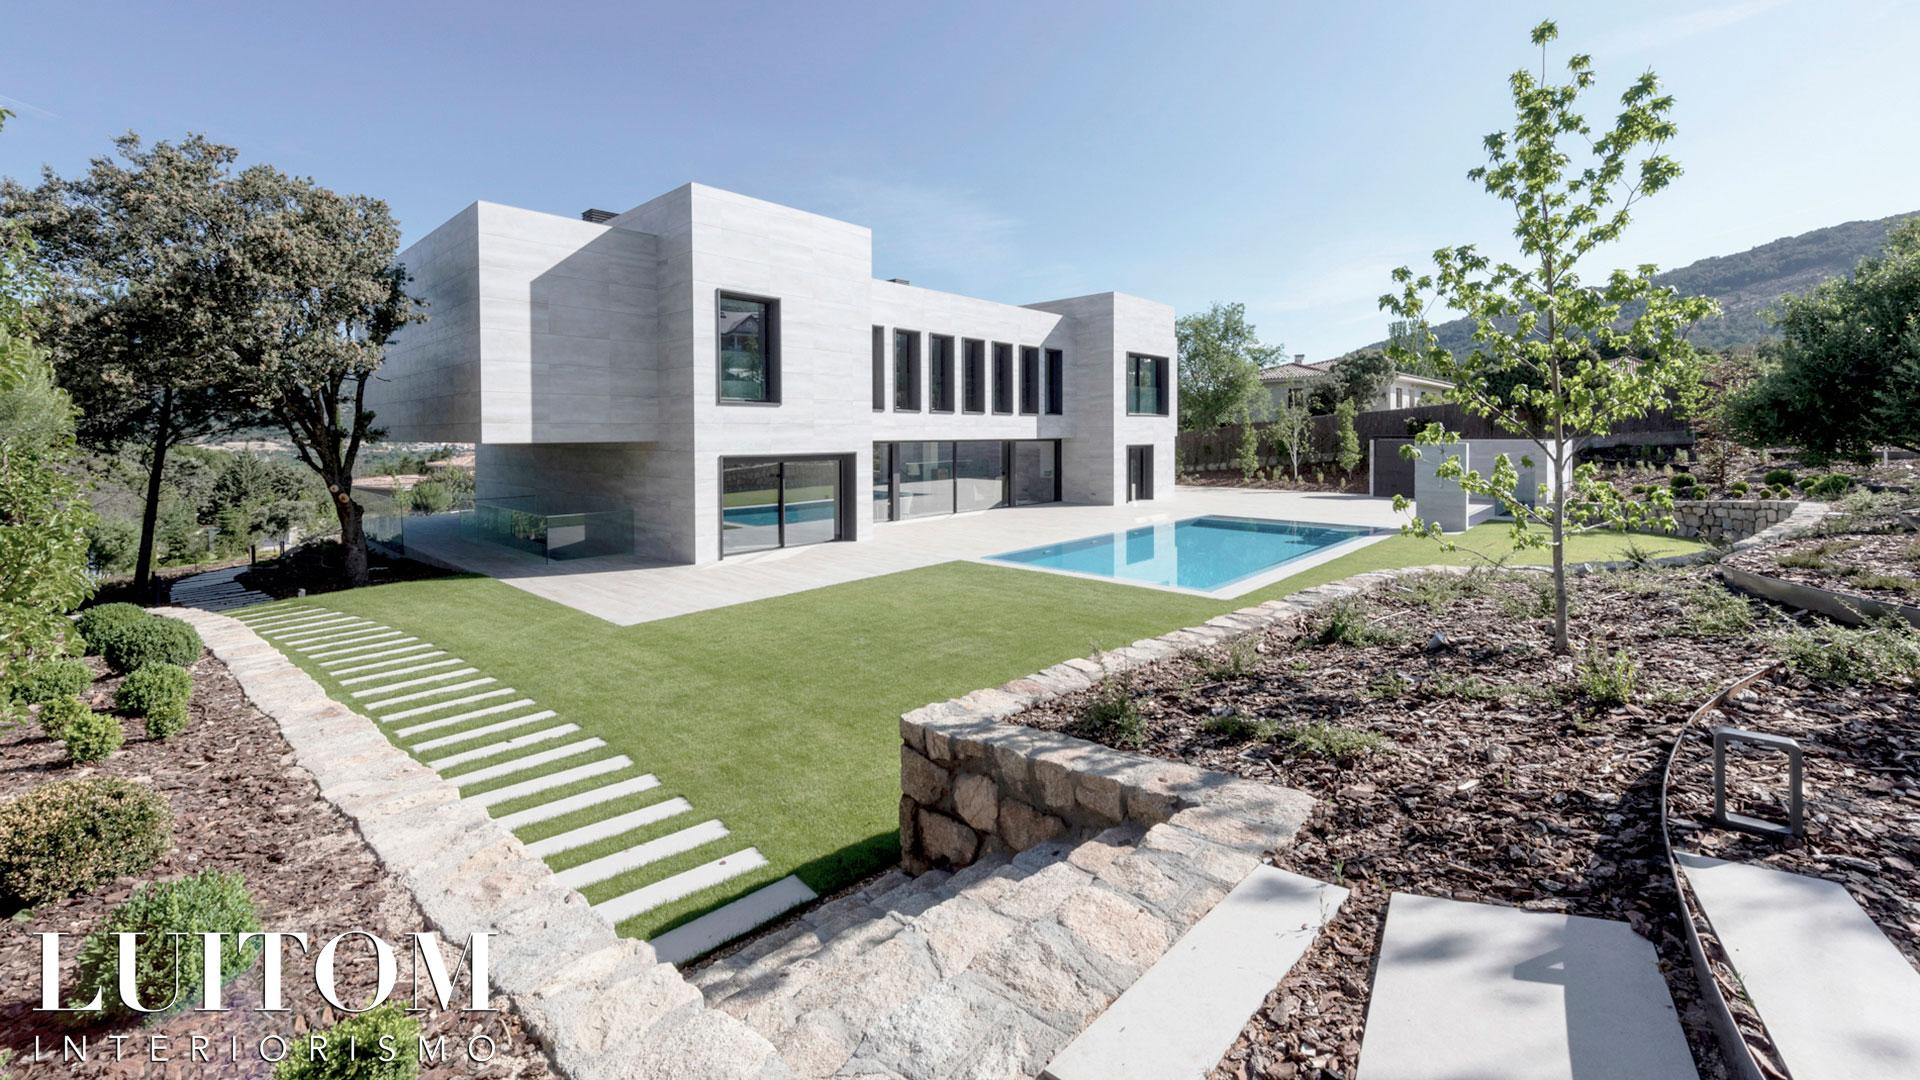 proyecto-arquitectura-construccion-casas-modernas-villas-lujo-madrid-malaga-valencia-arquitectos-luxury-house-spain-architects-020